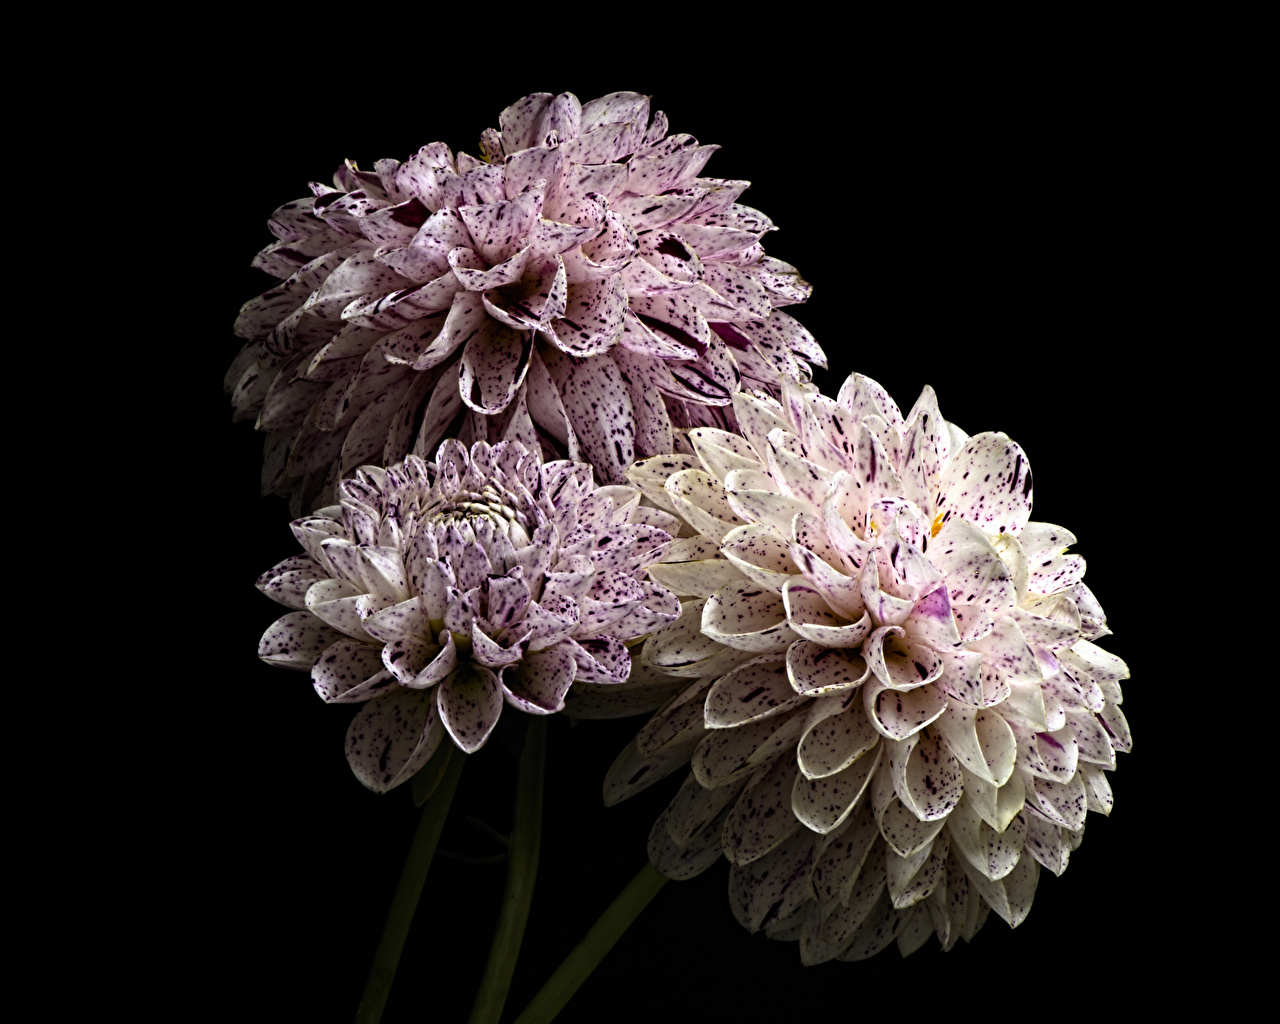 Обои для рабочего стола Цветы Георгины втроем Черный фон Крупным планом цветок три Трое 3 вблизи на черном фоне